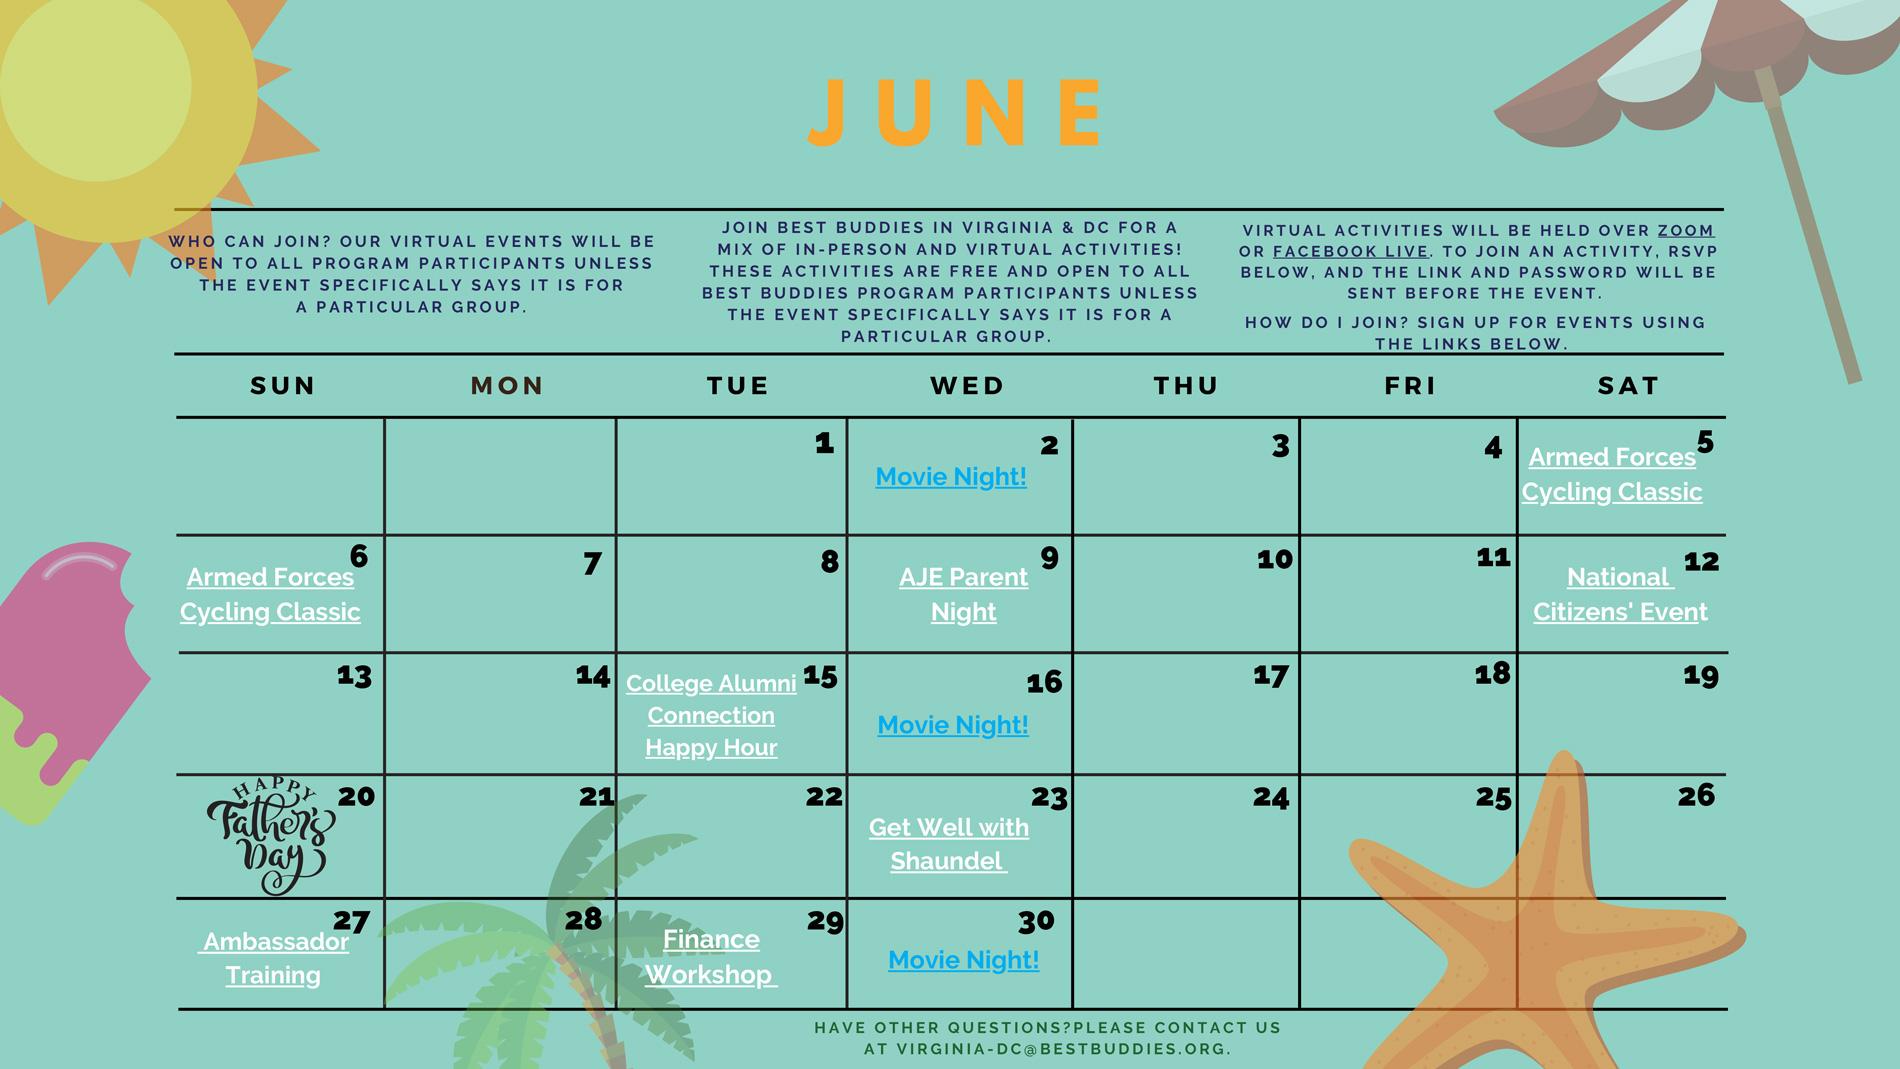 Best Buddies in VA & DC June Calendar